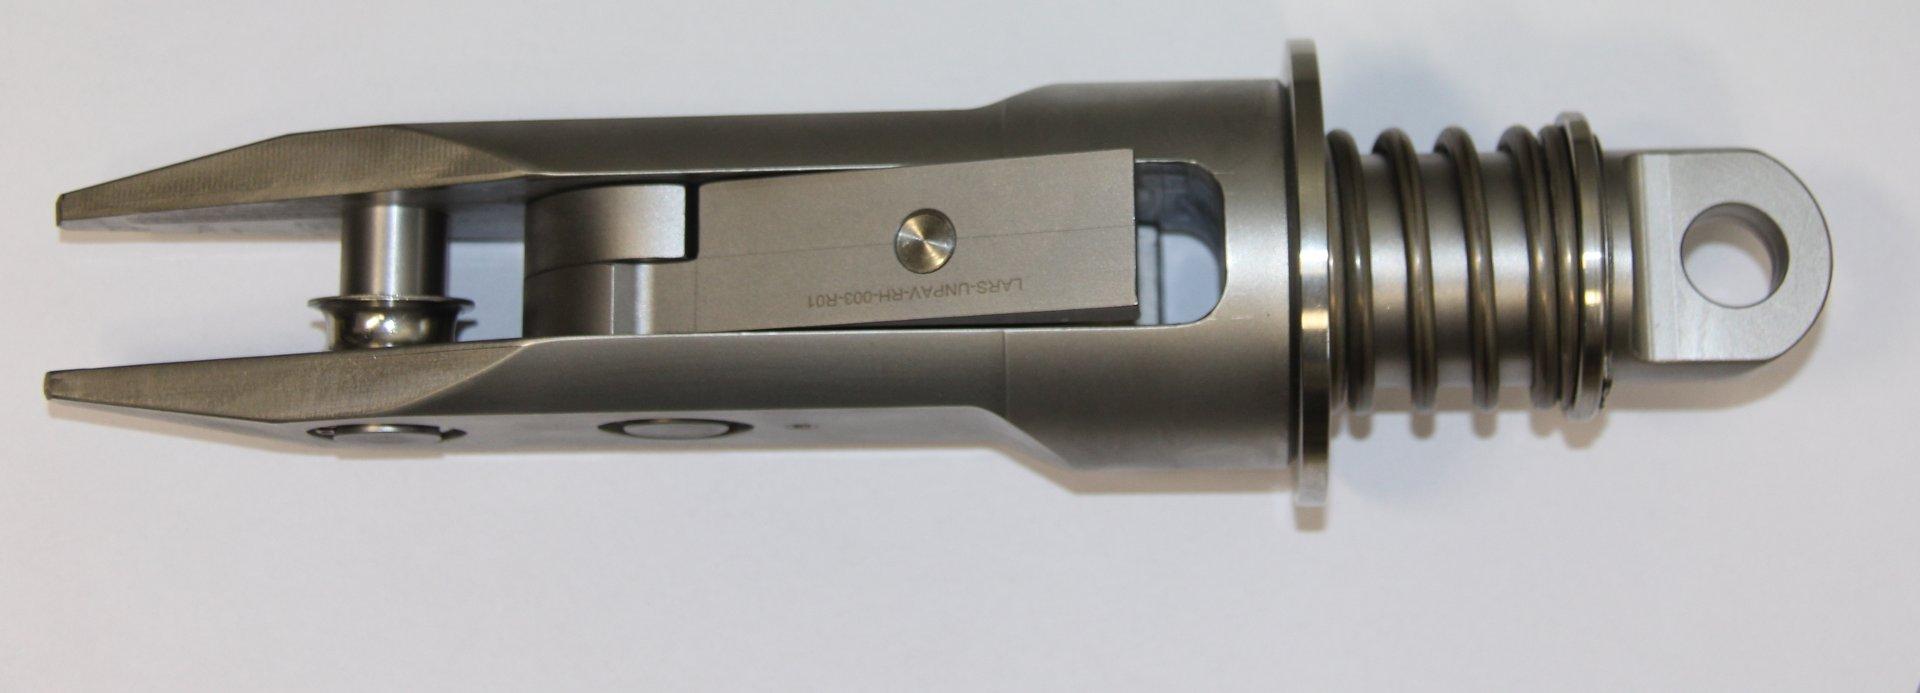 saf2205-2mecpico